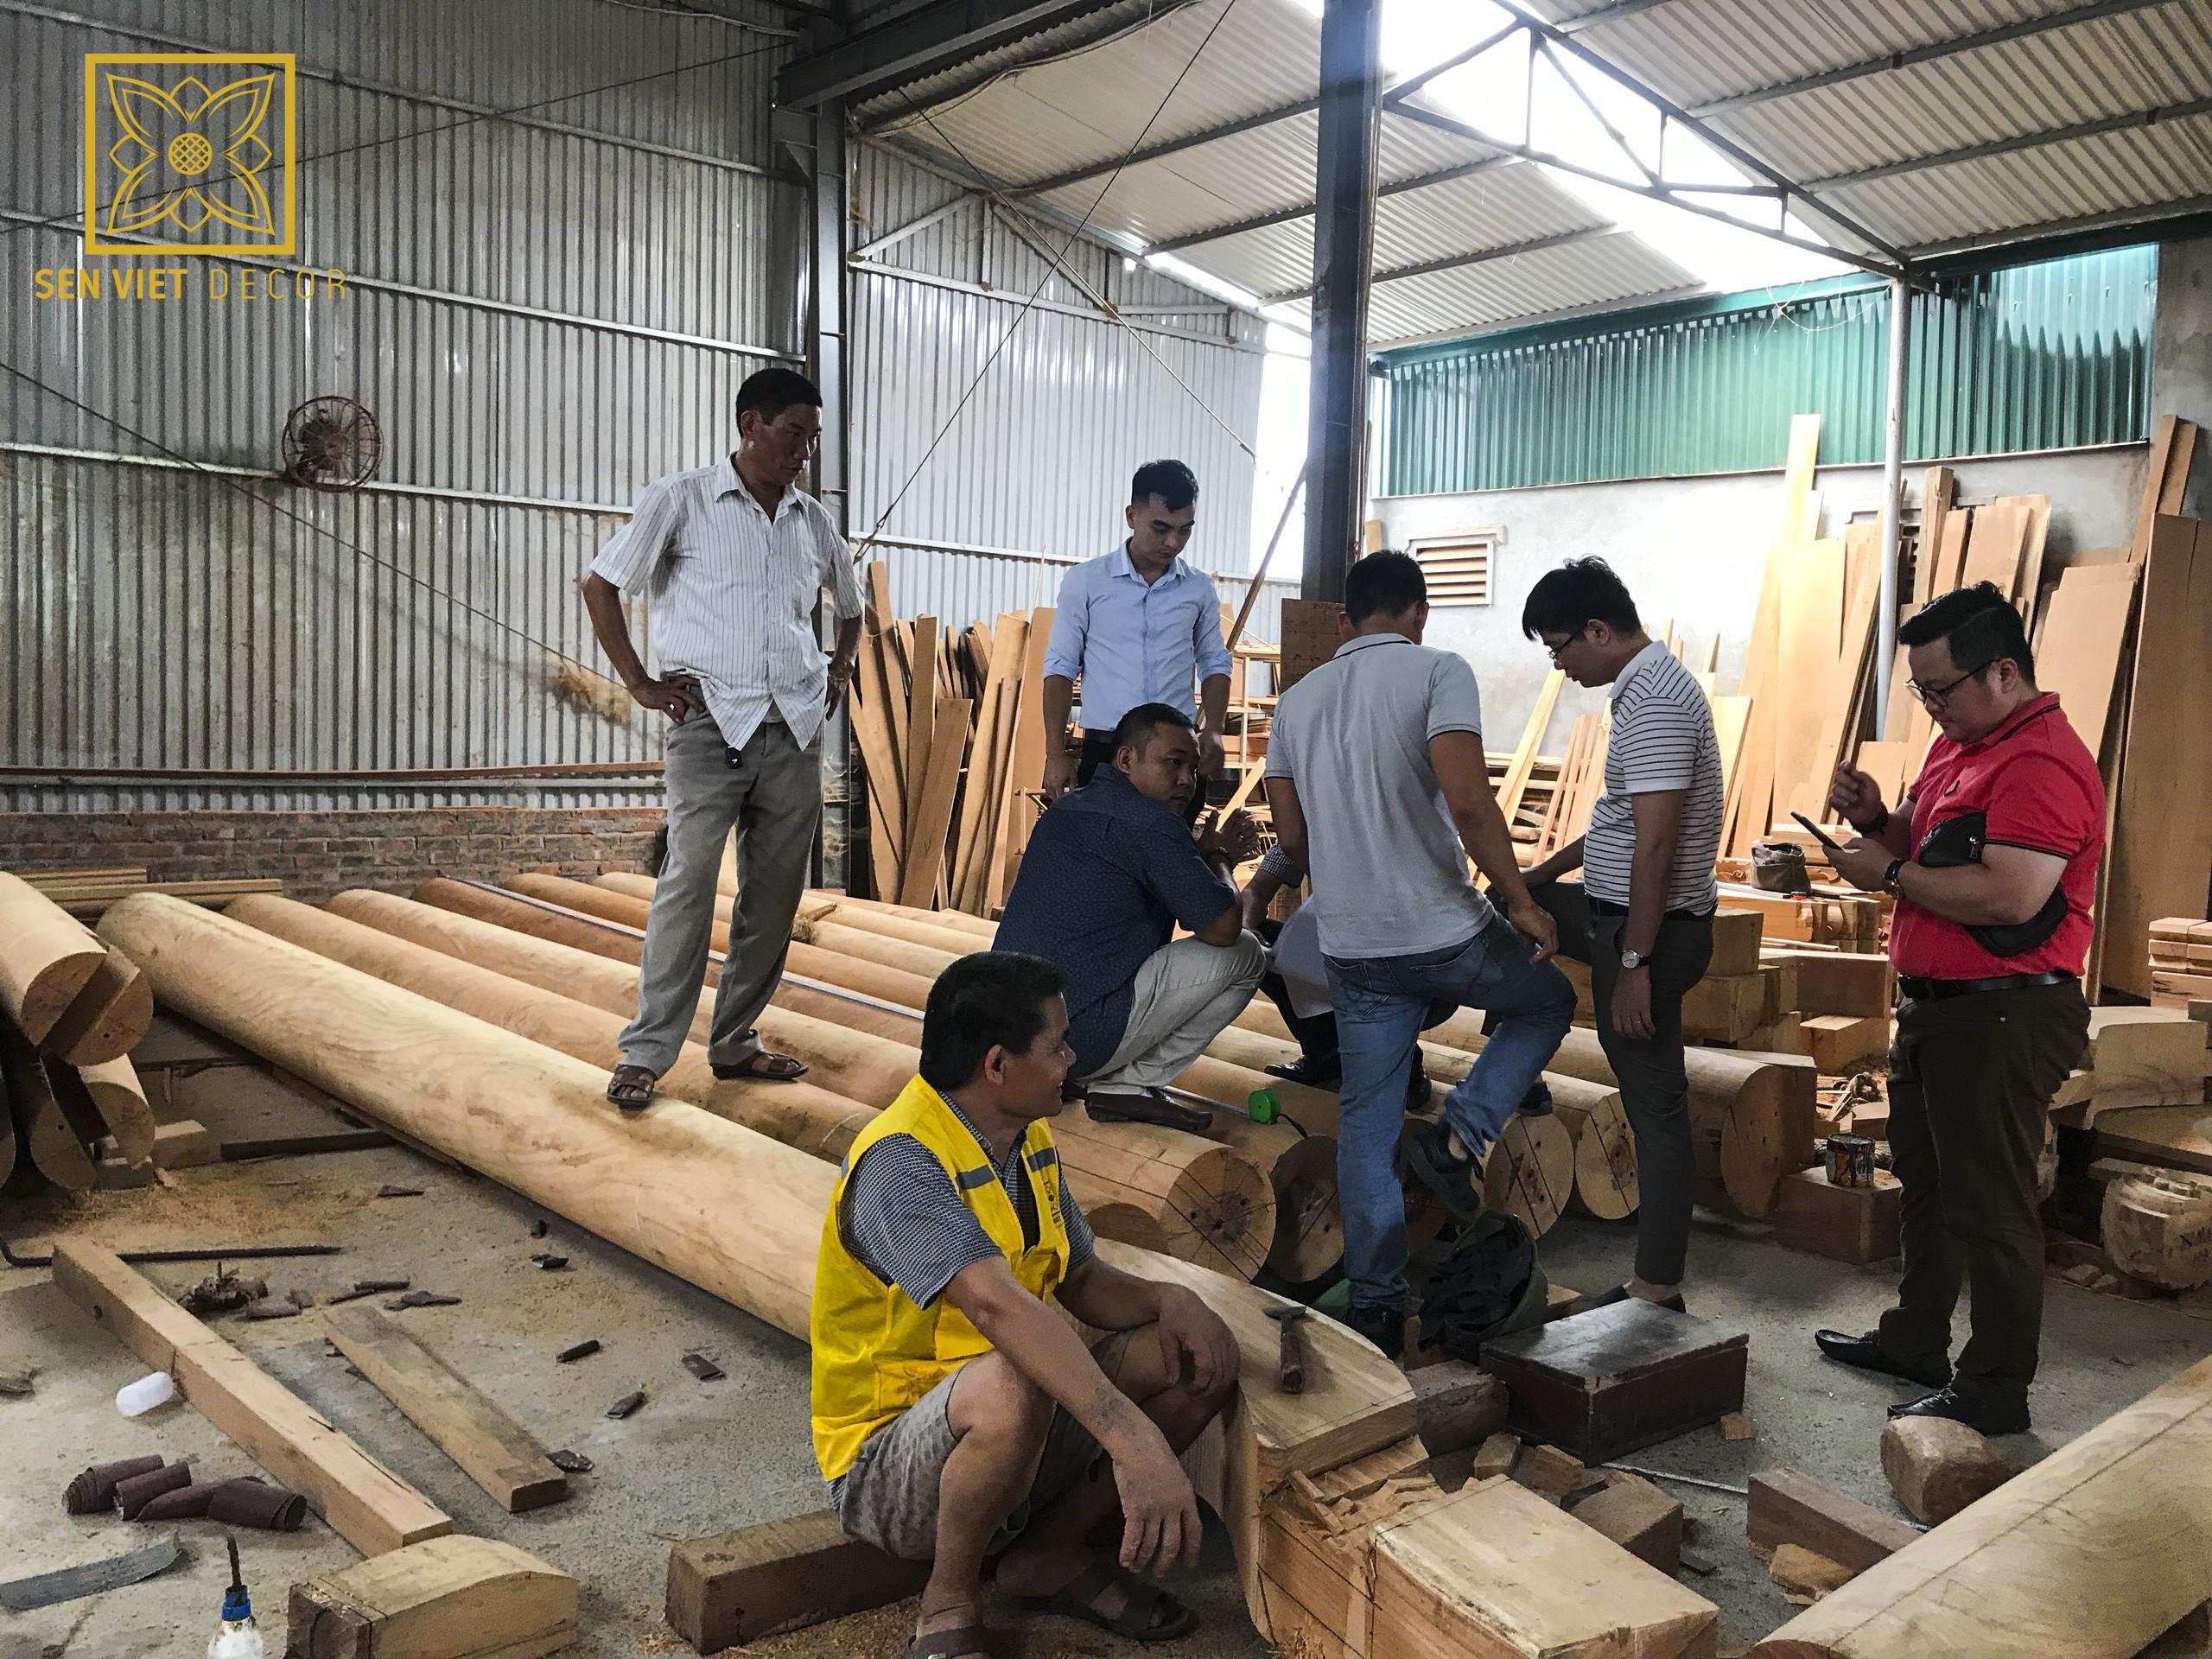 đoàn kiểm tra tới xưởng gỗ